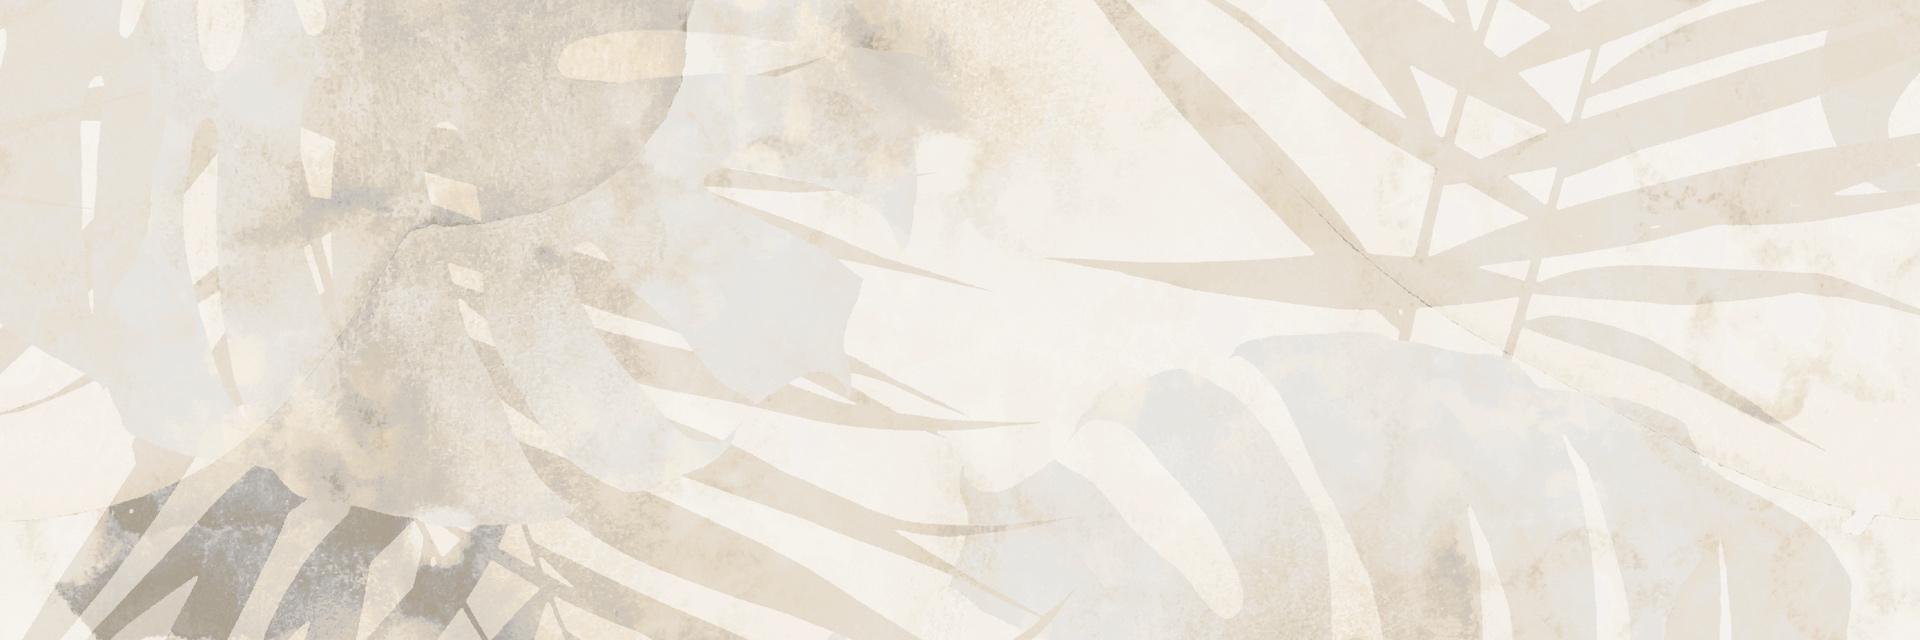 Zdjęcie kampanii